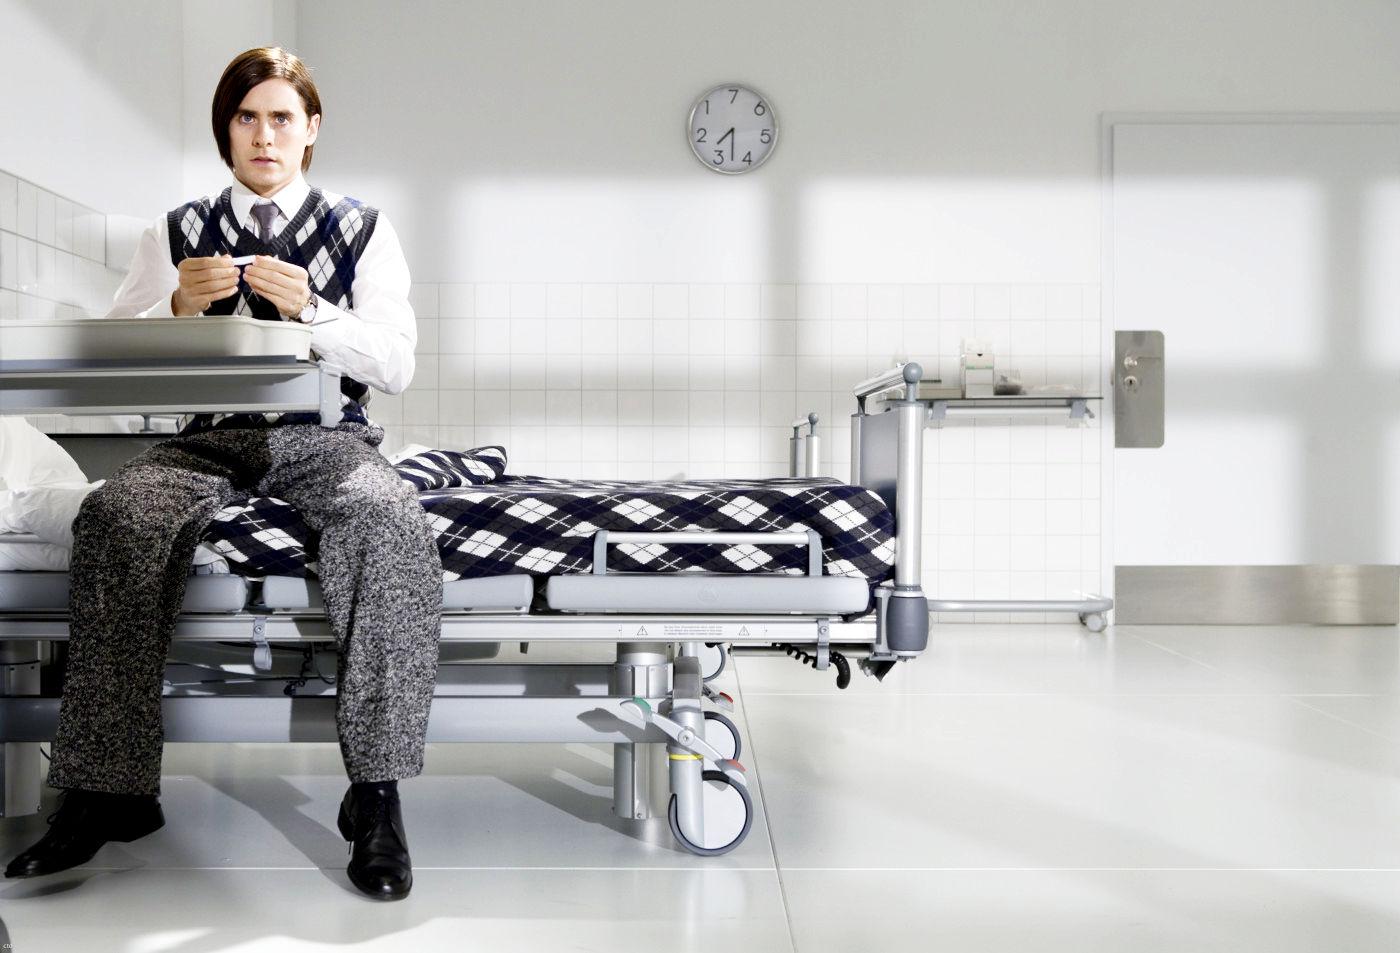 Las ficciones posibles de Mr. Nobody - cine